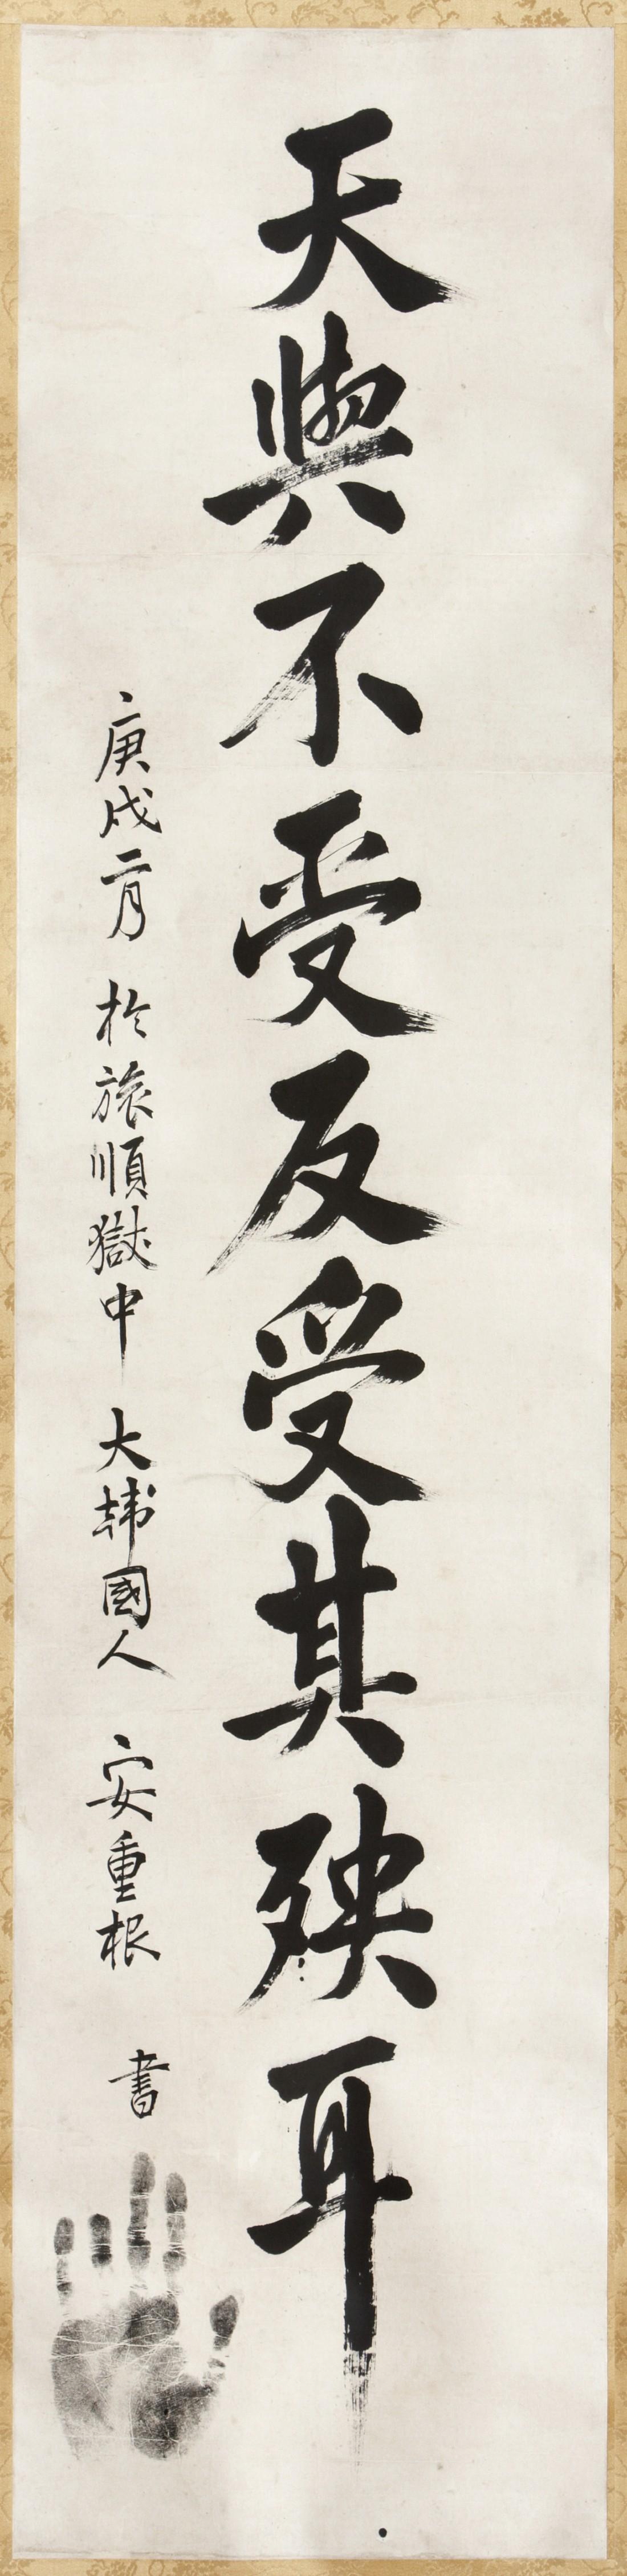 사람을 전율시키는 송곳 같은 필획이 돋보인다는 평을 받는 안중근 의사의 유묵(보물569-24호).